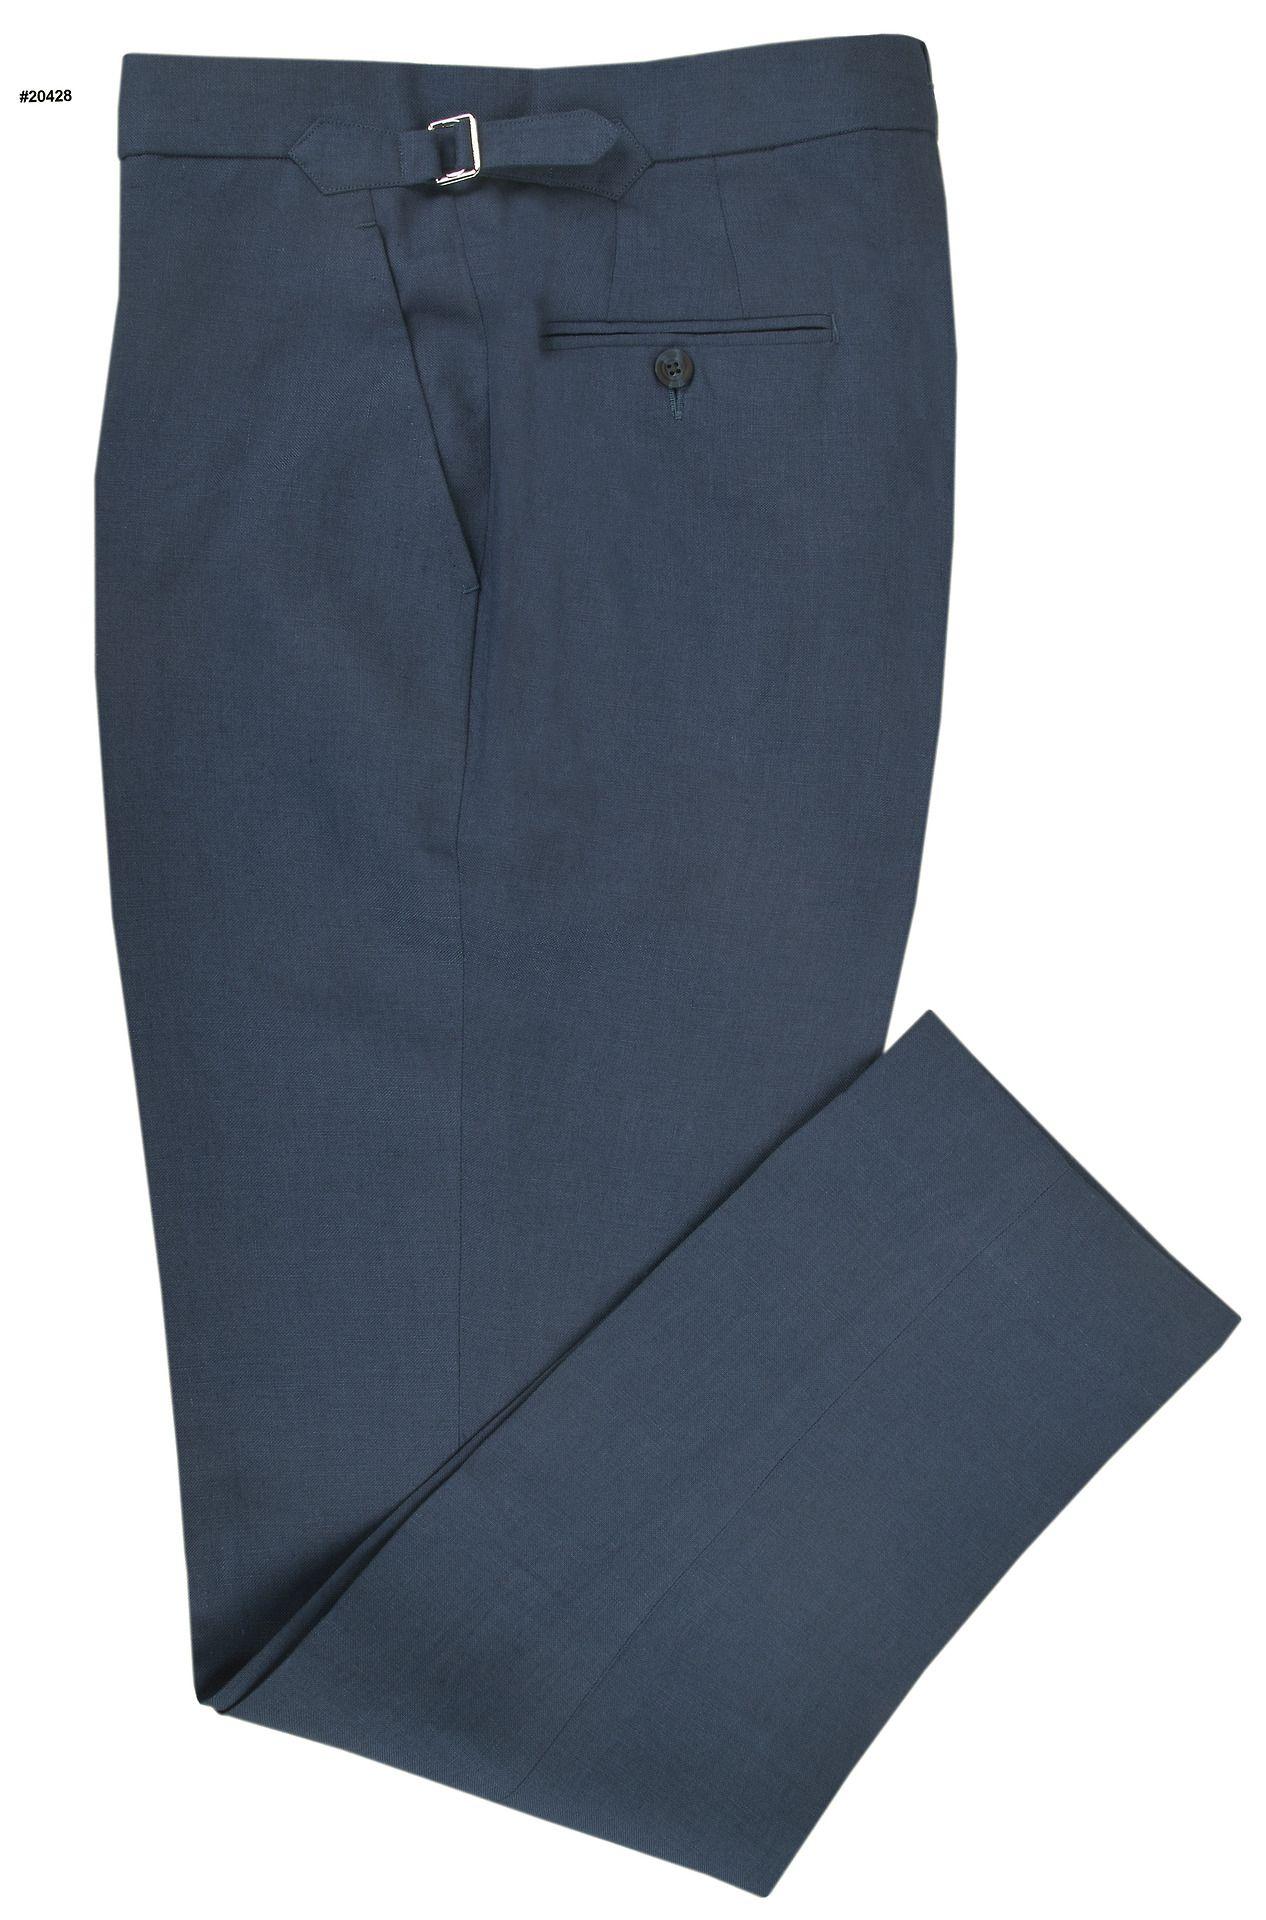 Luxire Photo T Q M Trousers Pantalon Hombre